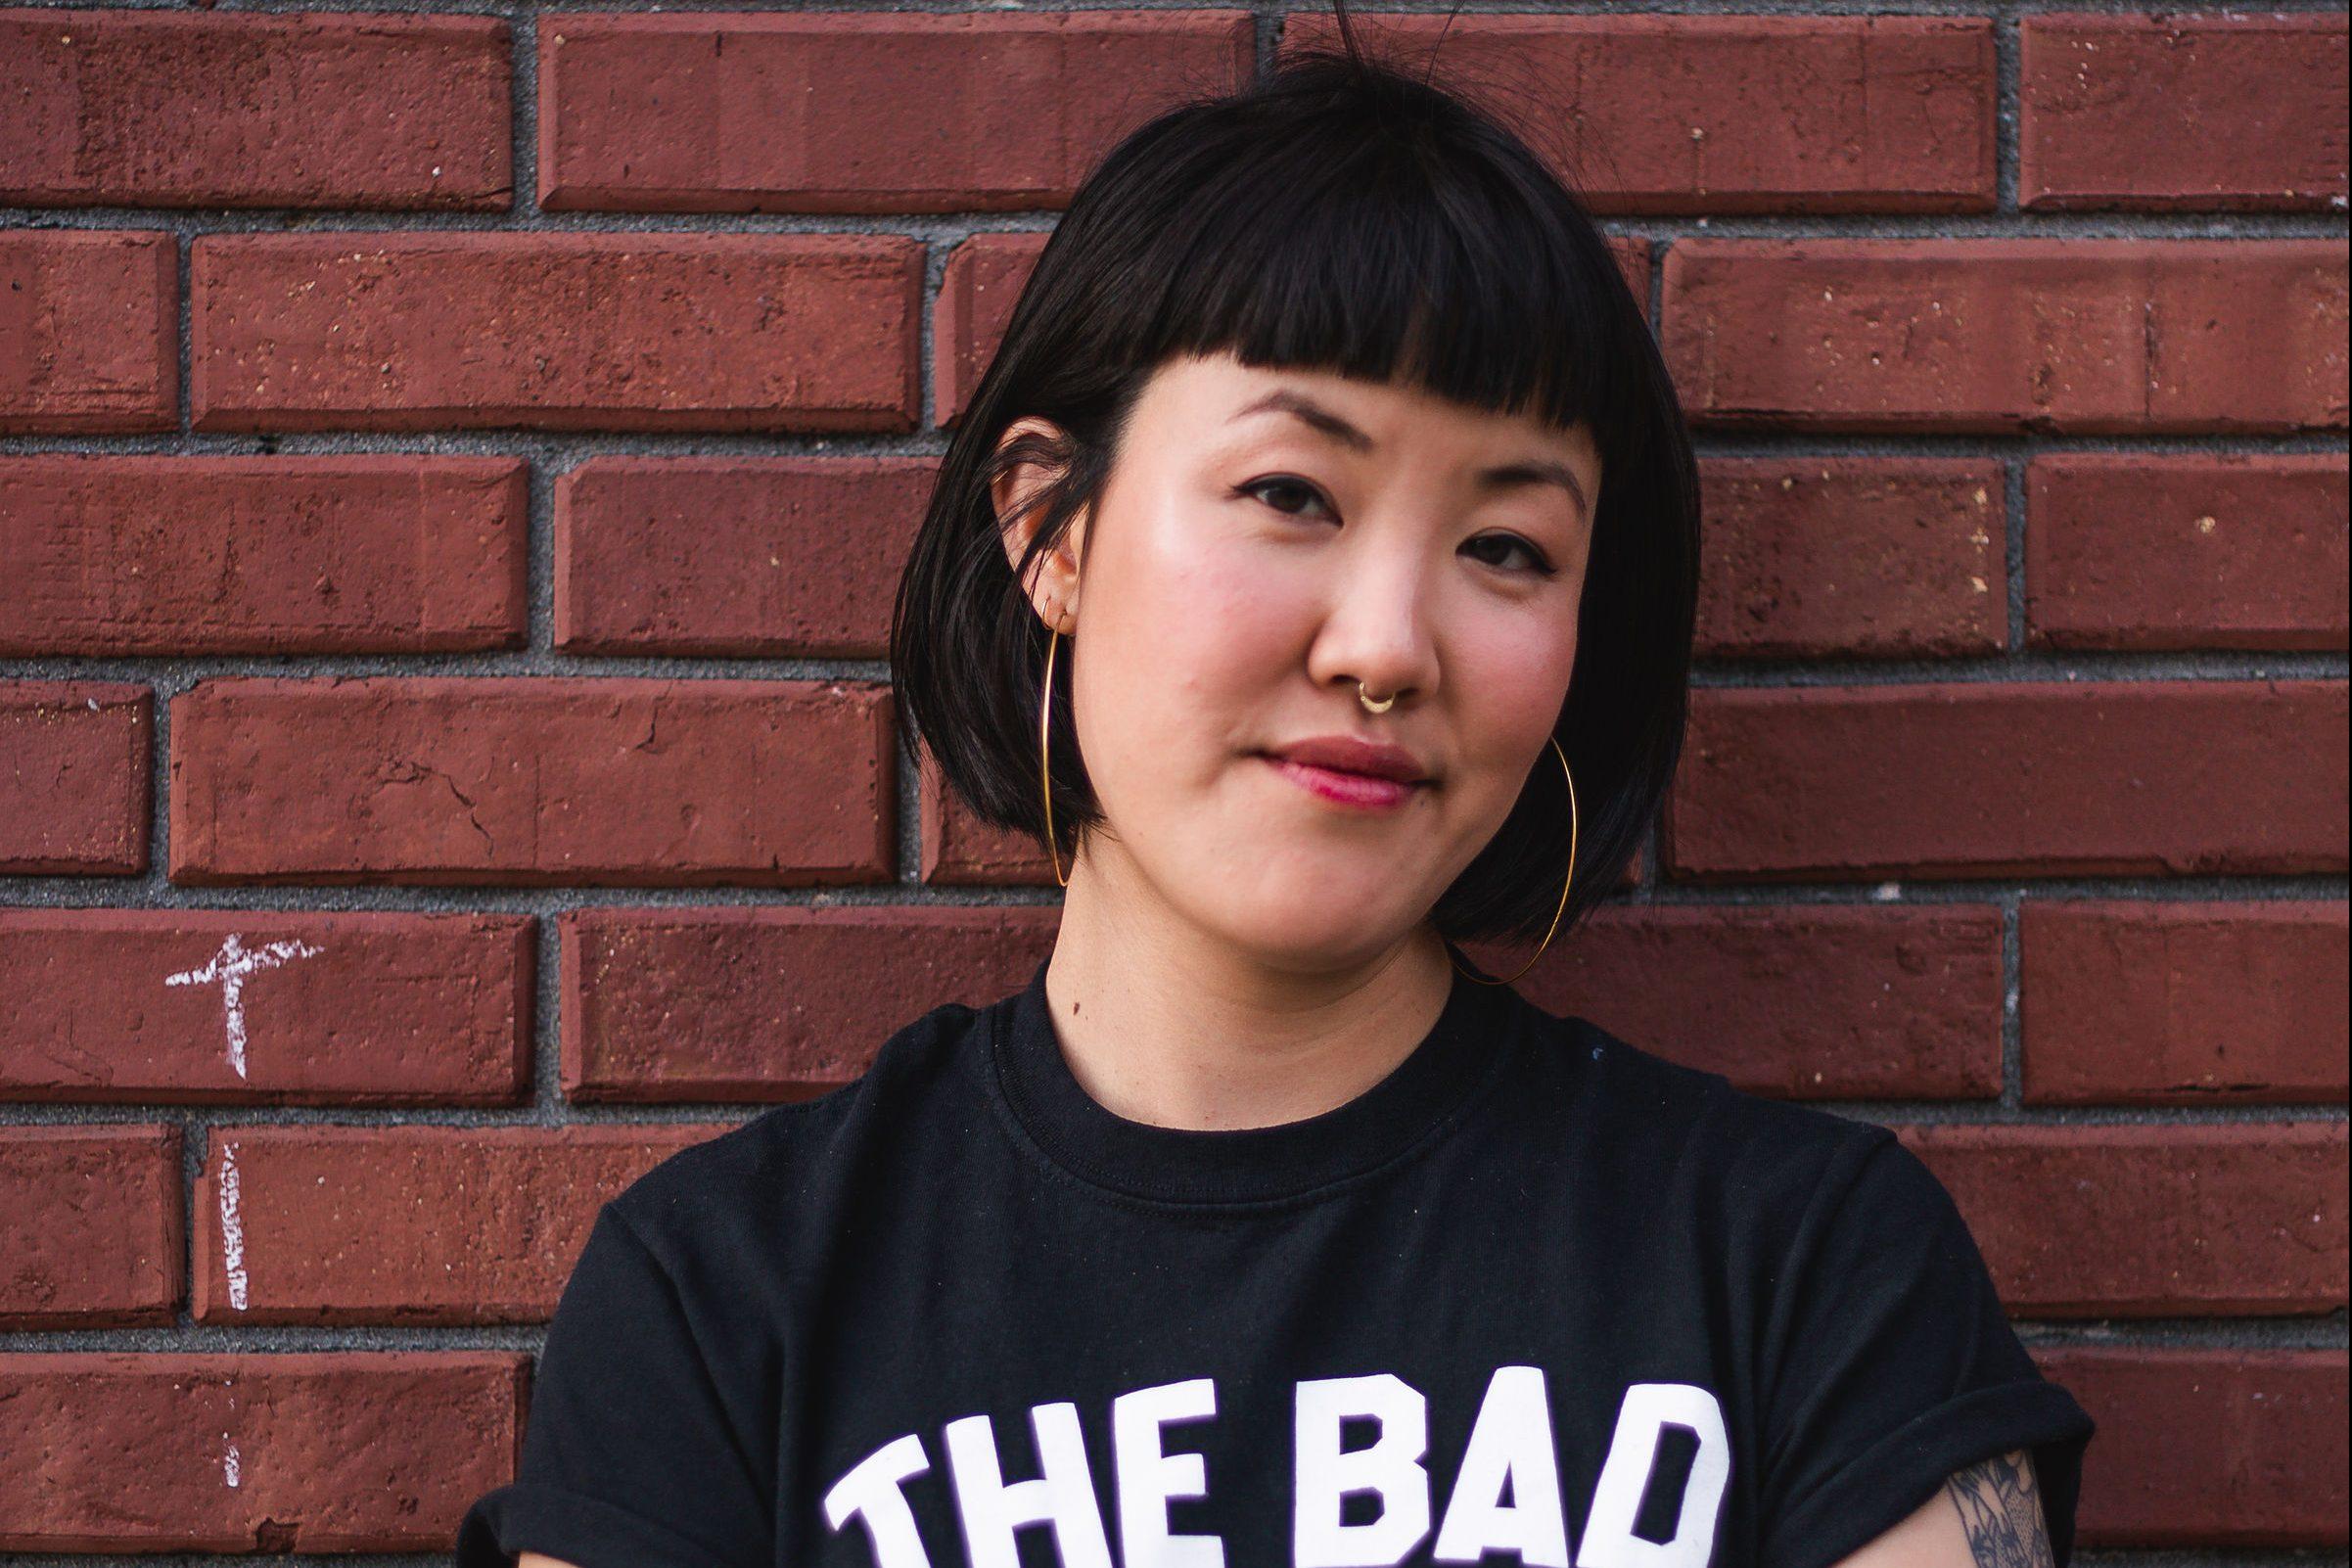 Amanda Kao